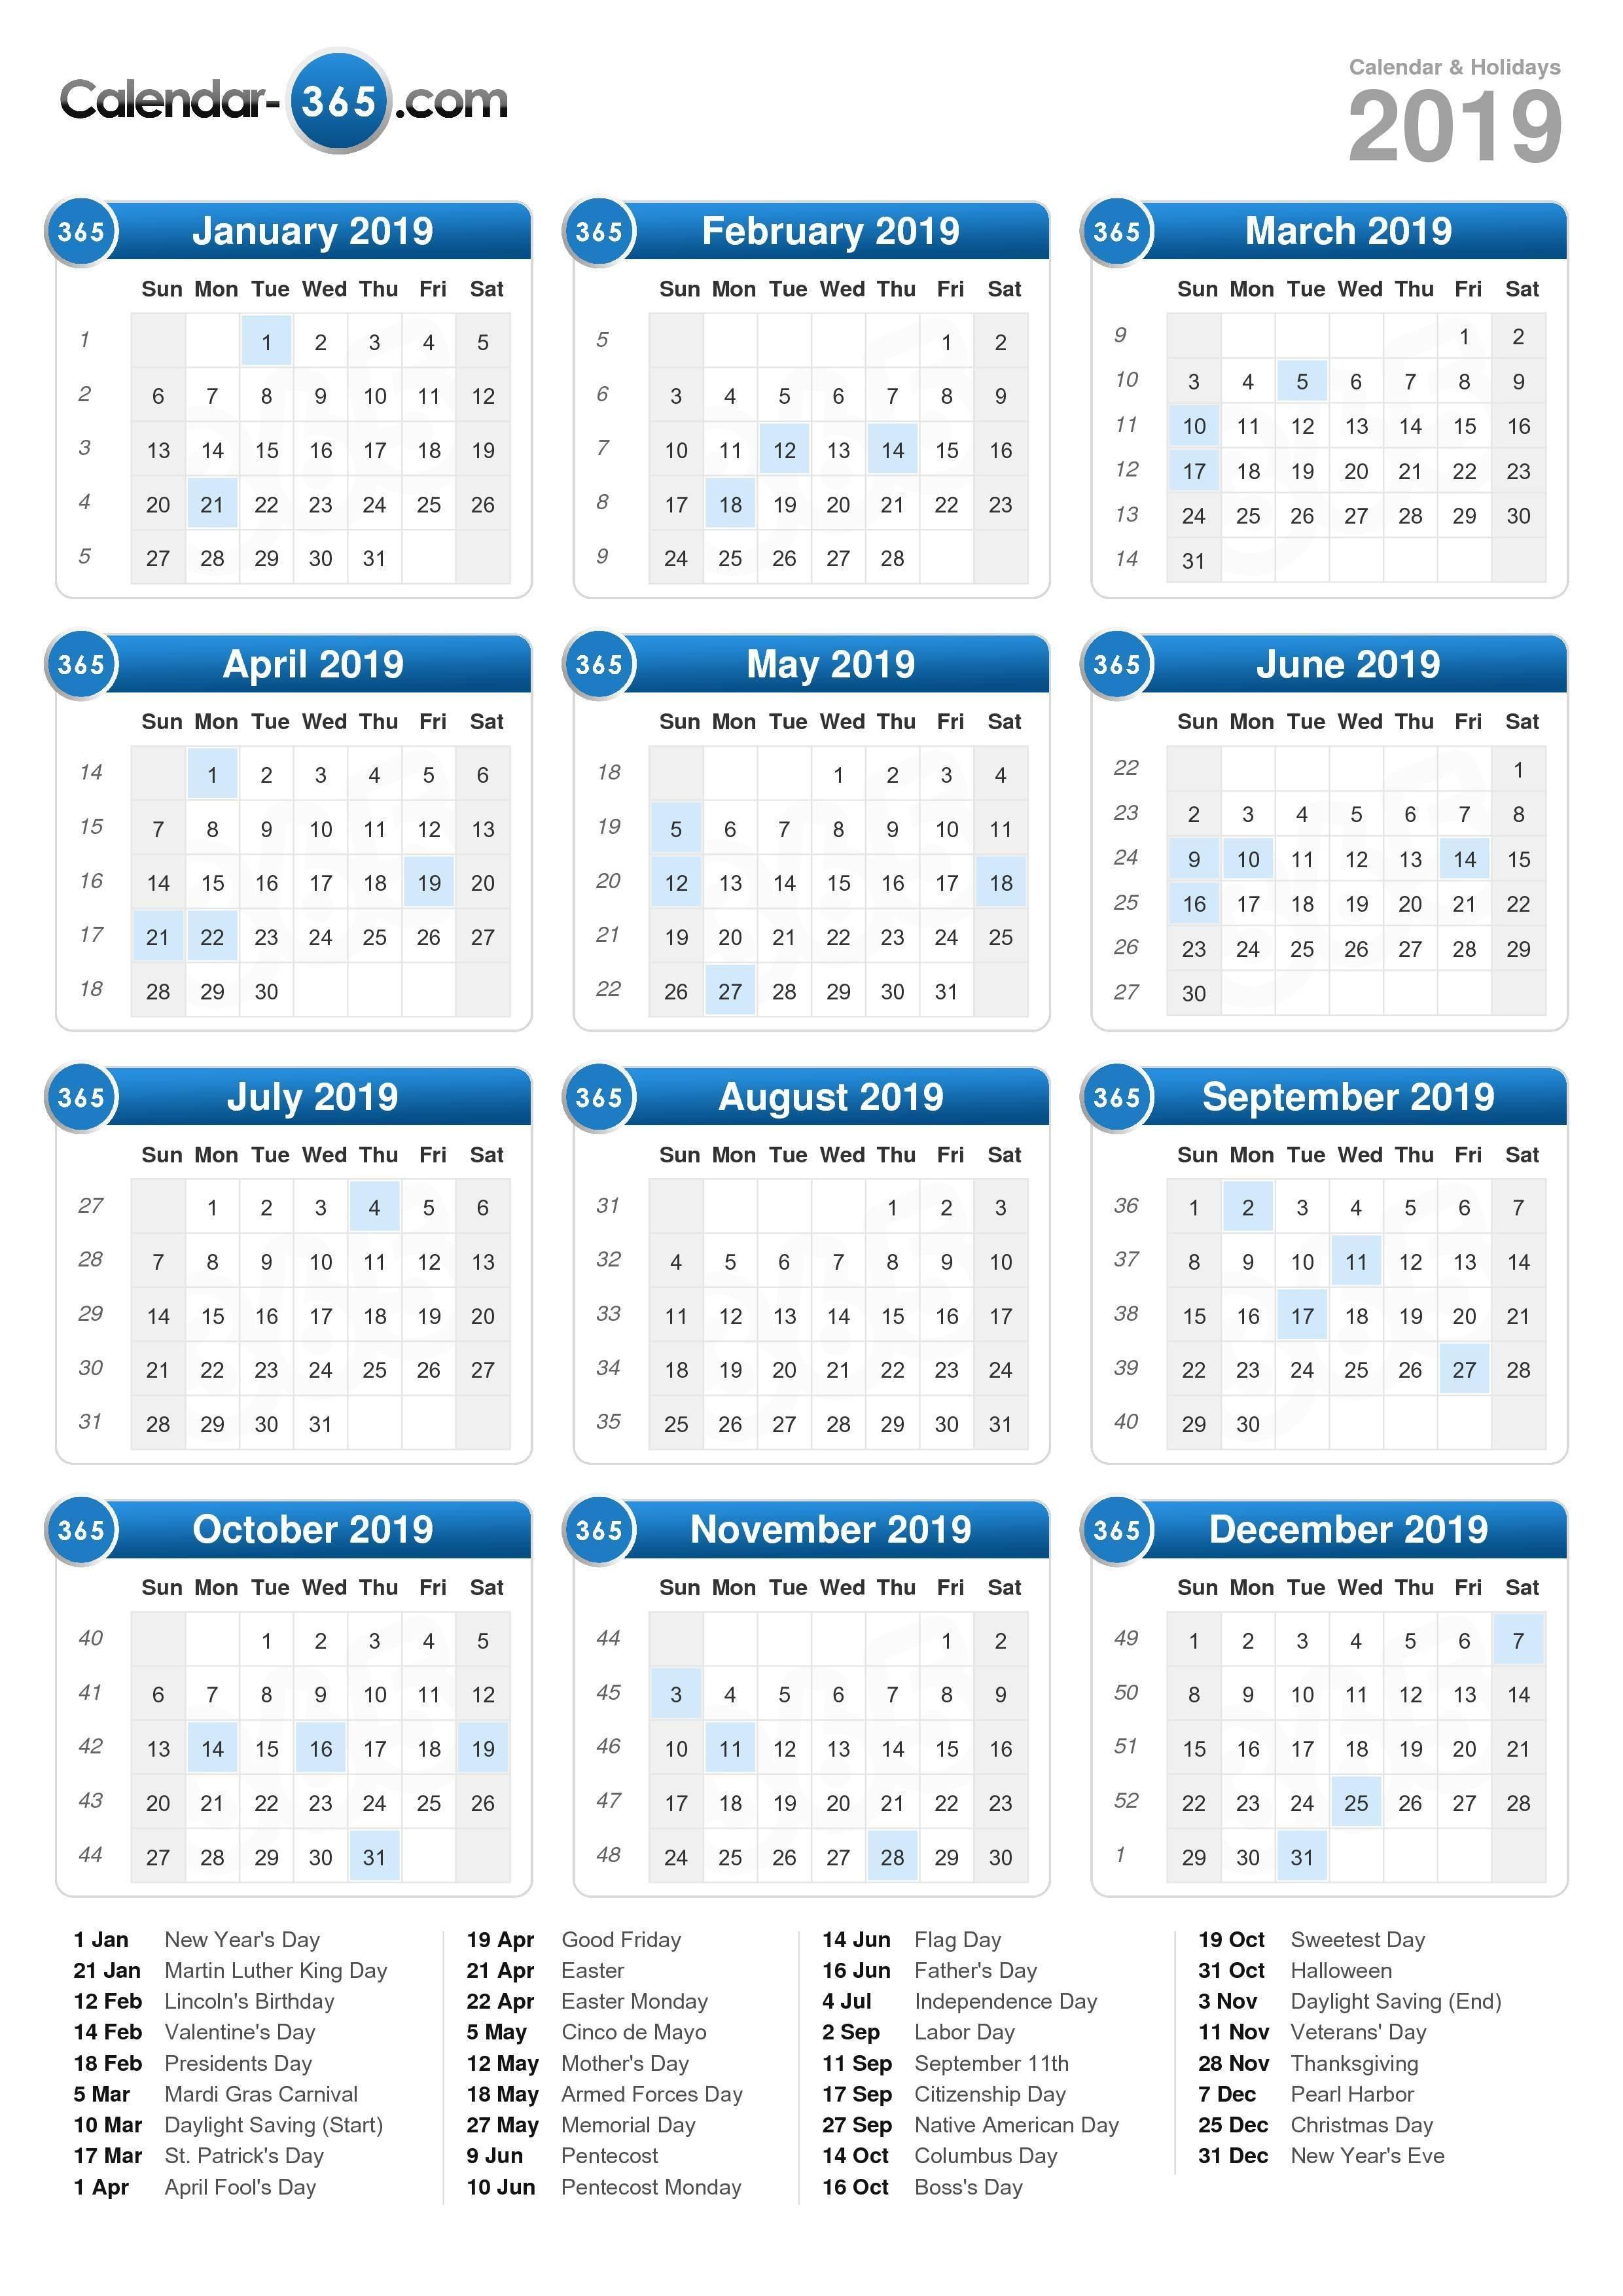 2019 Calendar Calendar 2019 Special Days